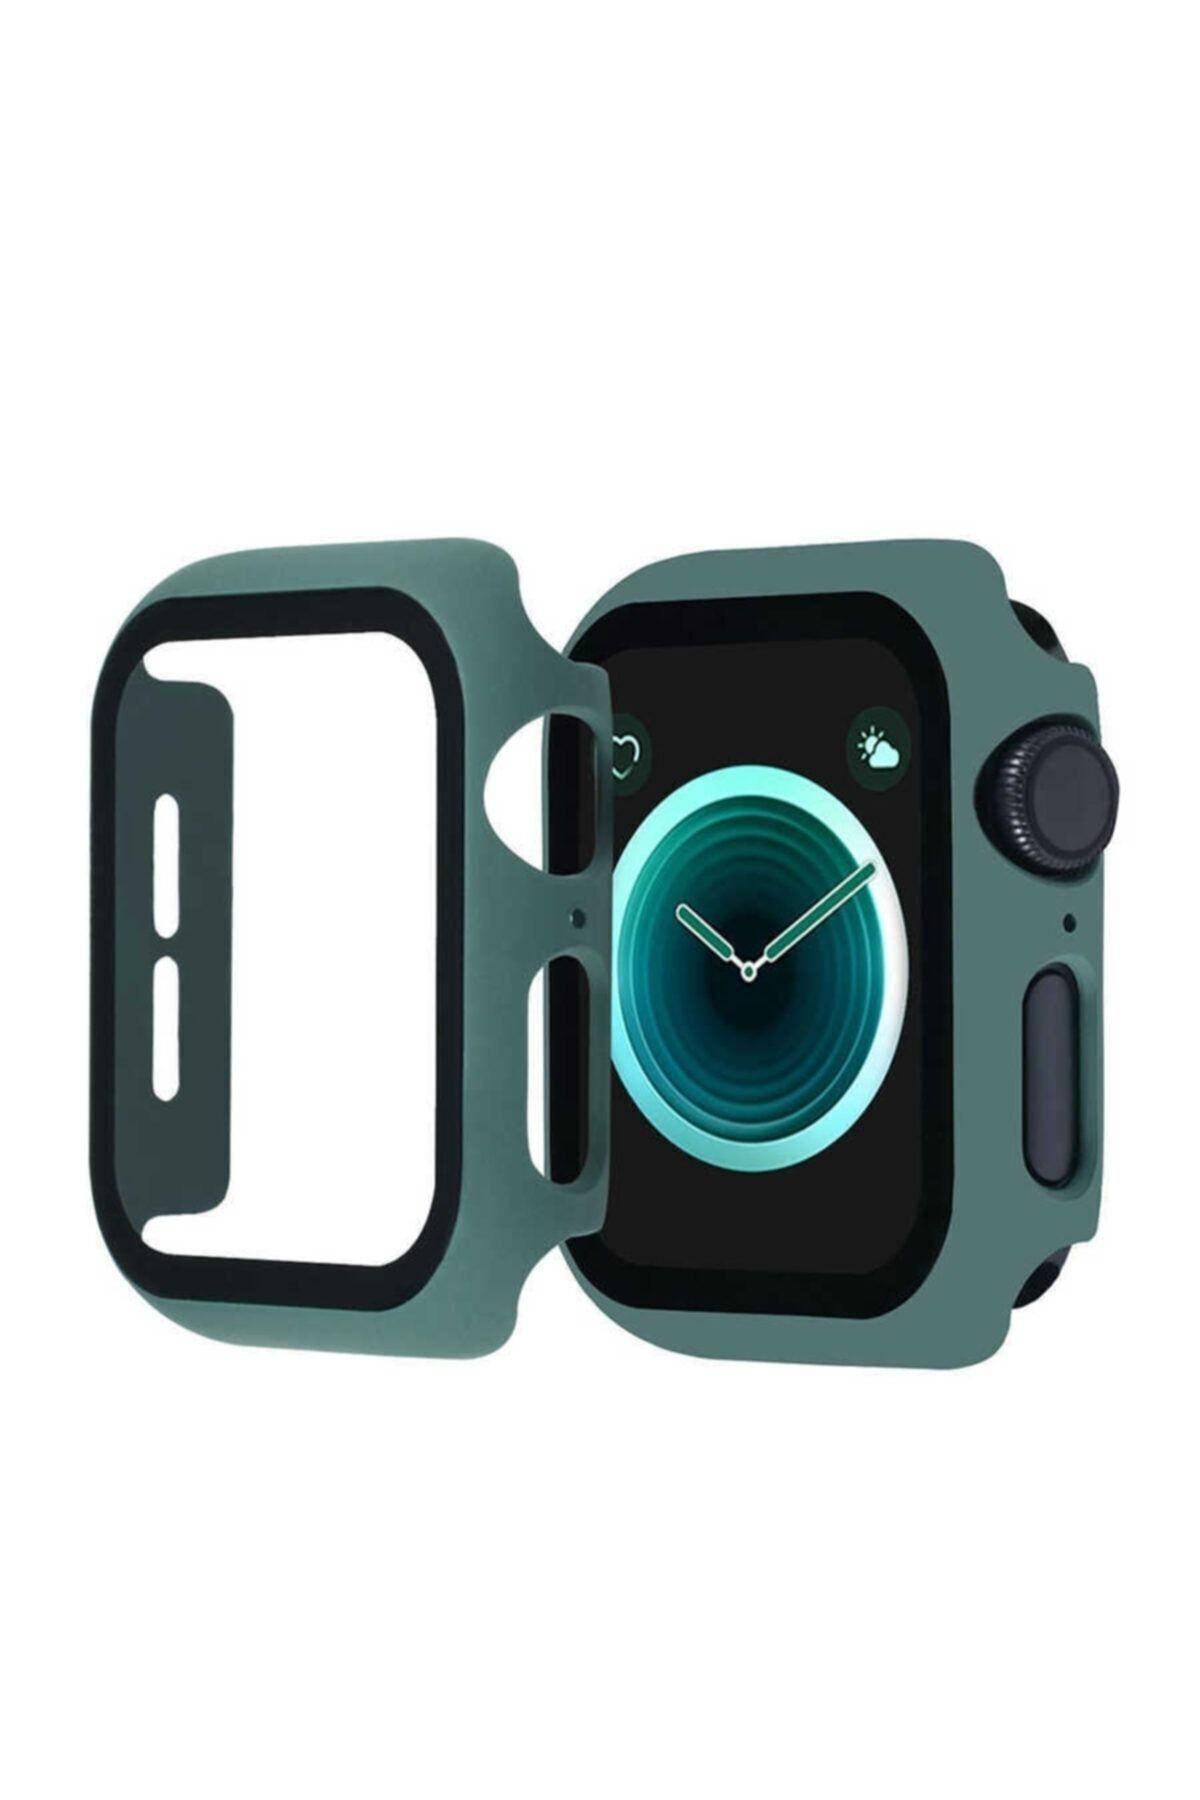 KVK PRİVACY Apple Watch Çam Yeşili Uyumlu Silikon Kılıf 42mm 1